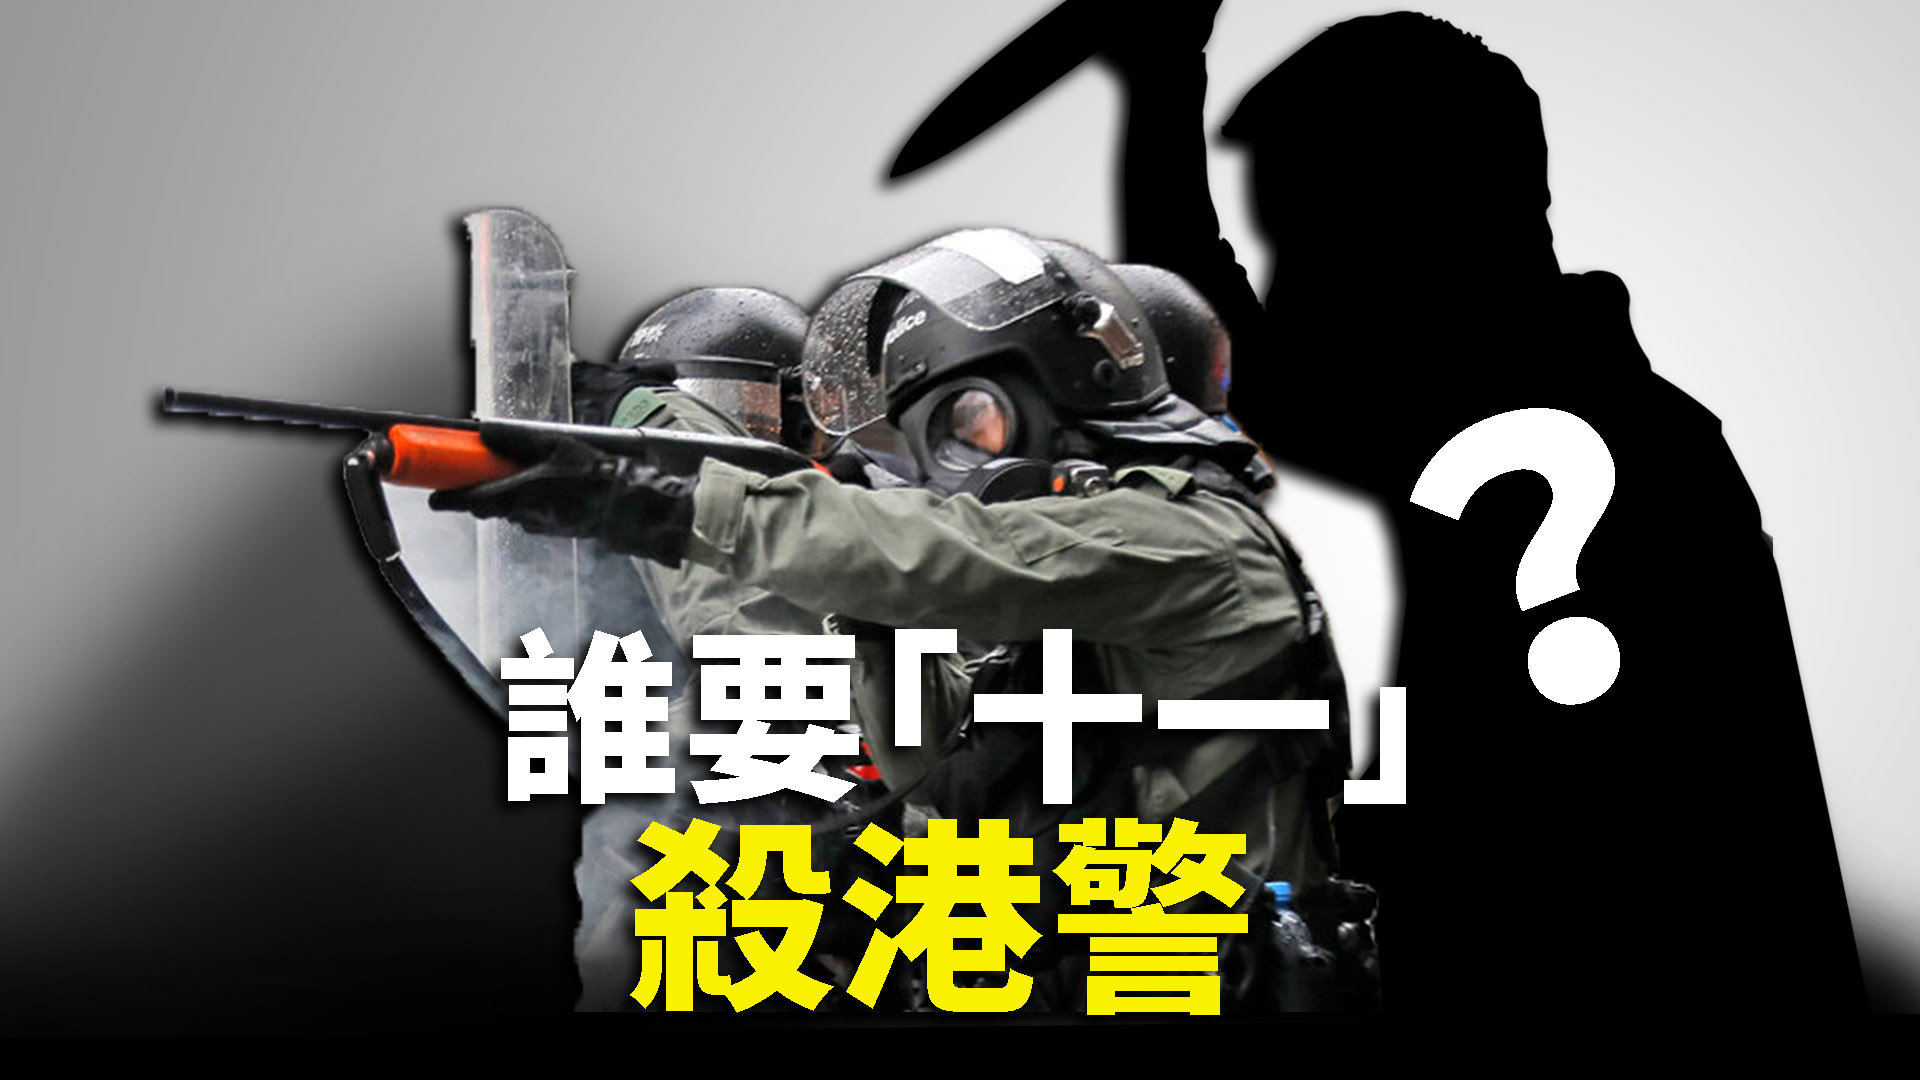 香港親共媒體卻接連傳出報道,宣稱香港有暴徒要在「十一」當天殺害警察,引起關注。(大紀元合成)